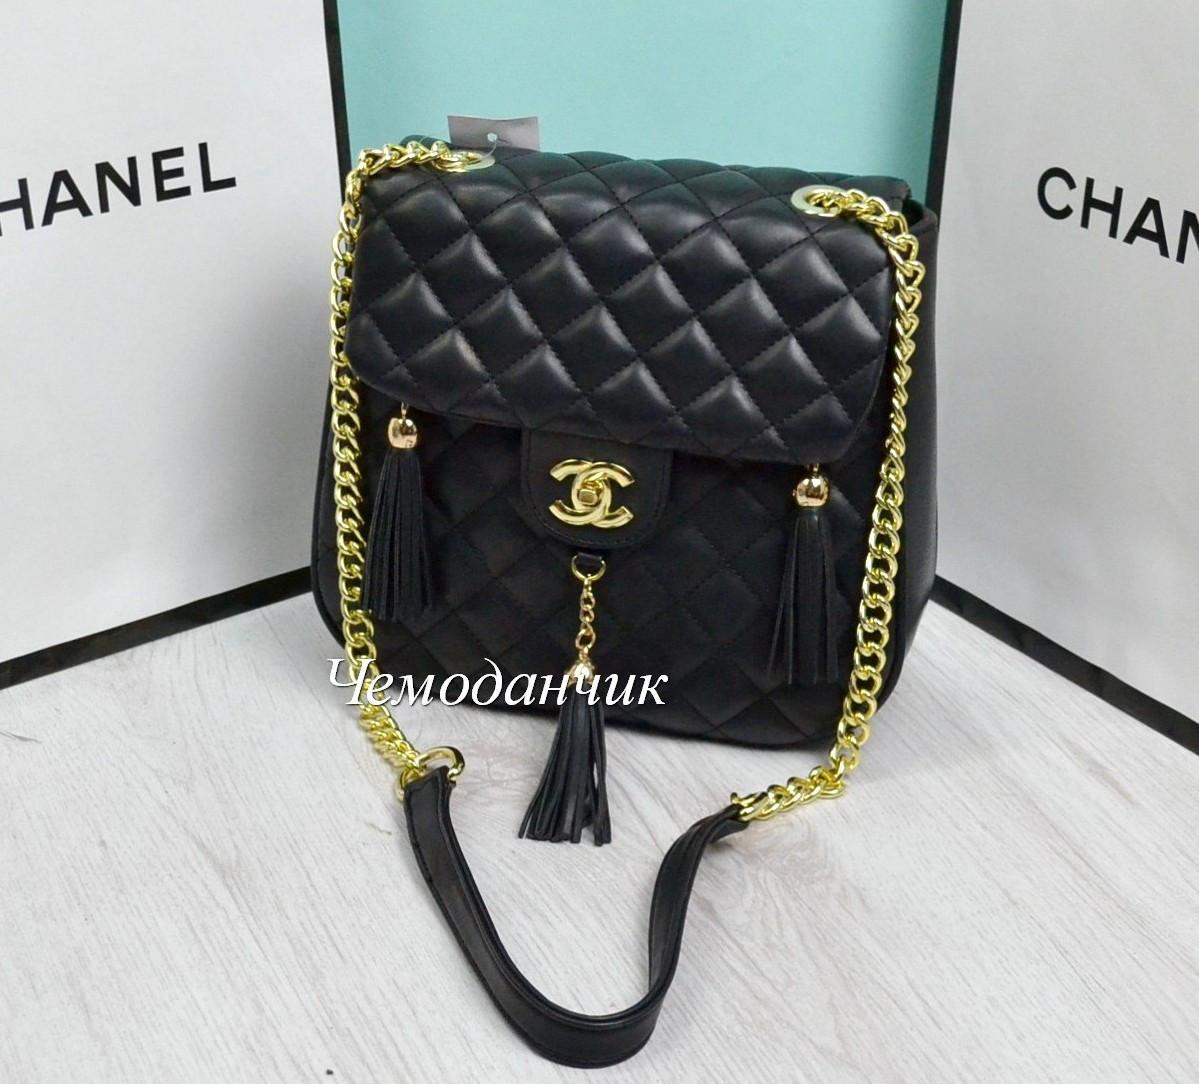 b9e93f1ceb27 Сумка Chanel Шанель 10 в расцветках - ЧЕМОДАНЧИК - самые красивые сумочки  по самой приятной цене